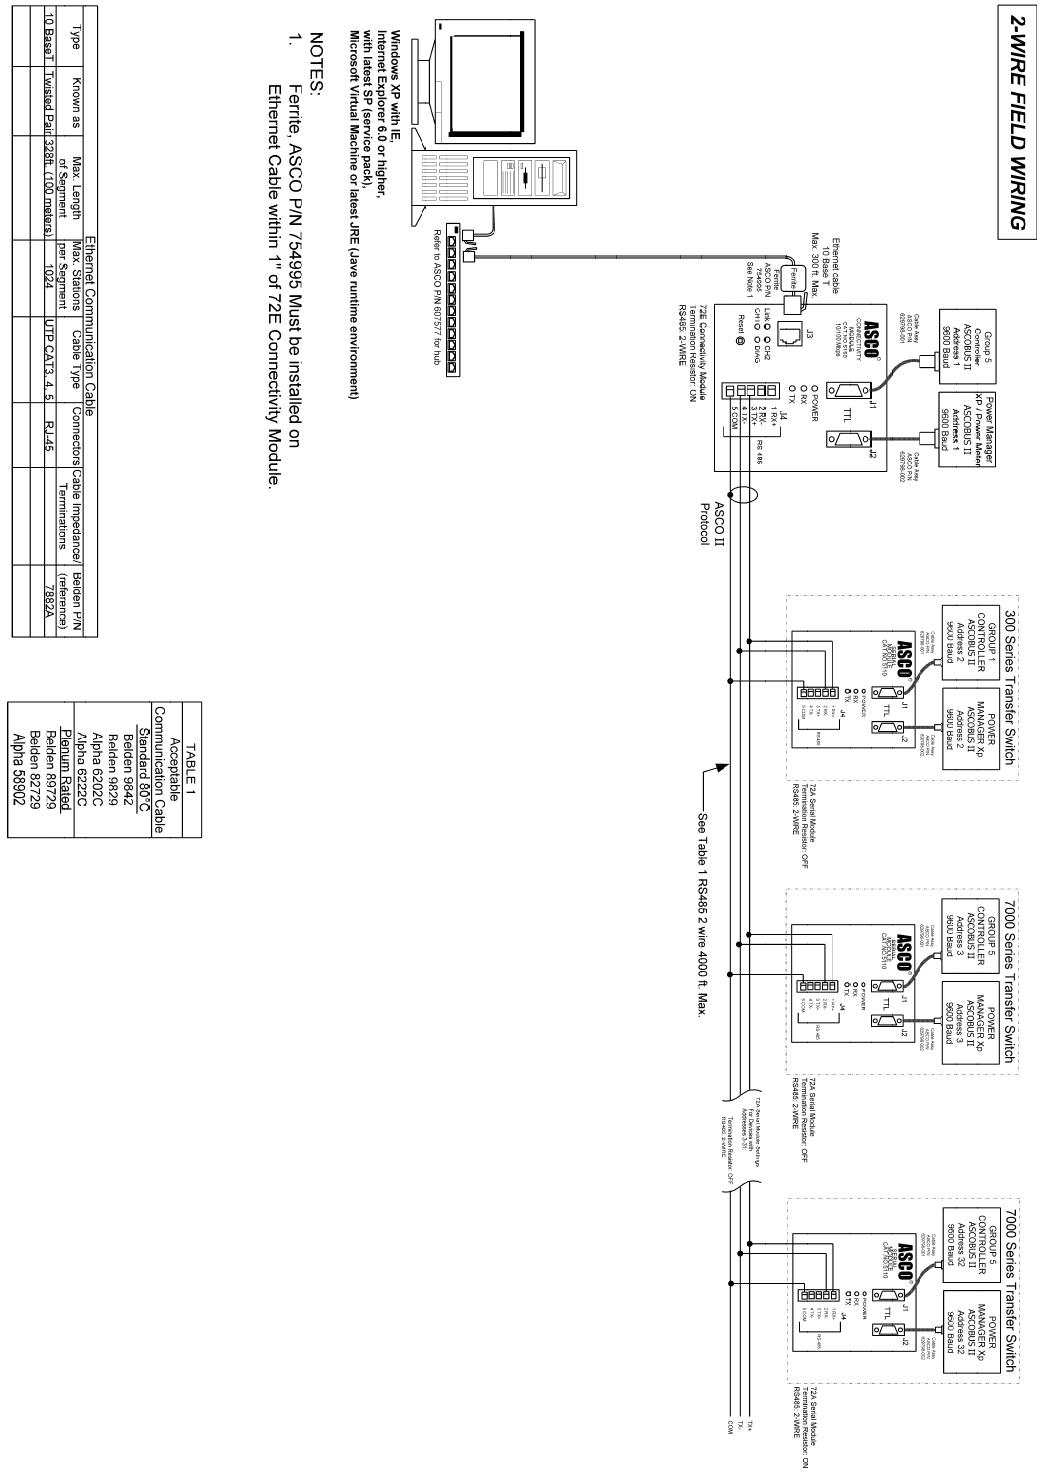 rs485 rj45 wiring diagram